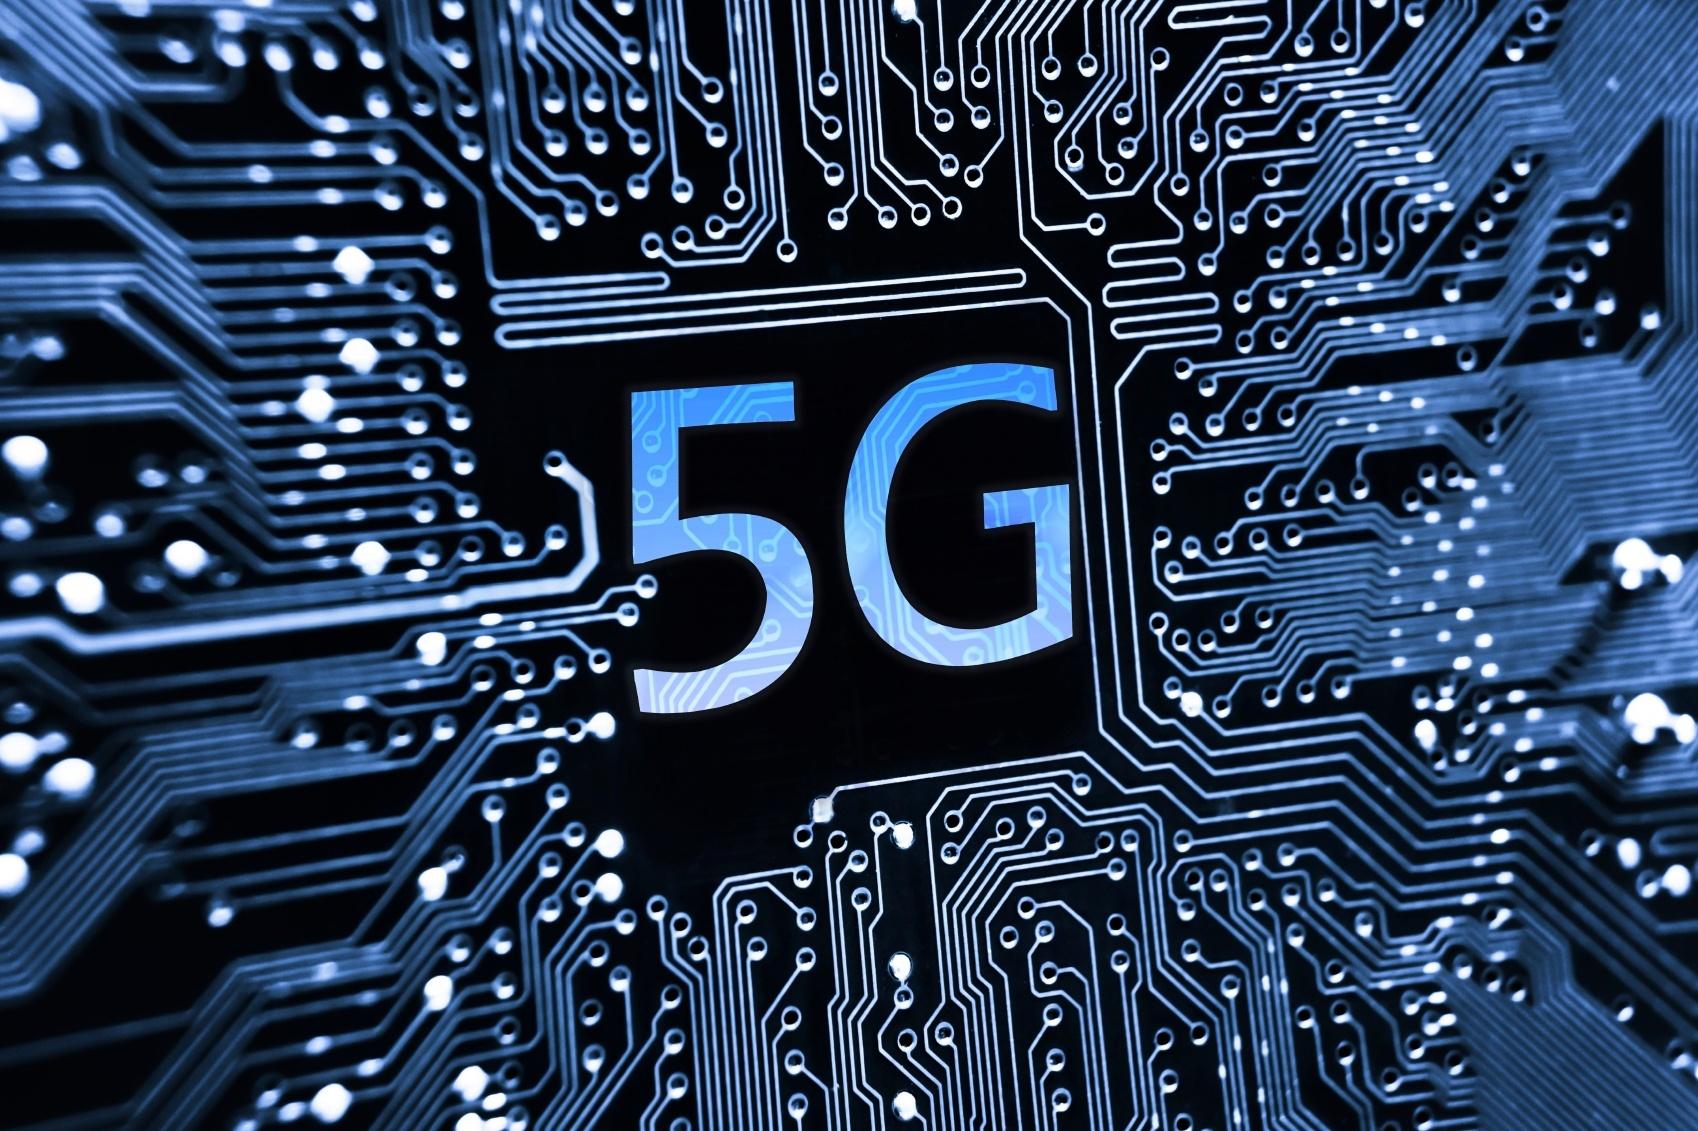 Как 5G повлияет на рынок мобильной связи в России и мире?